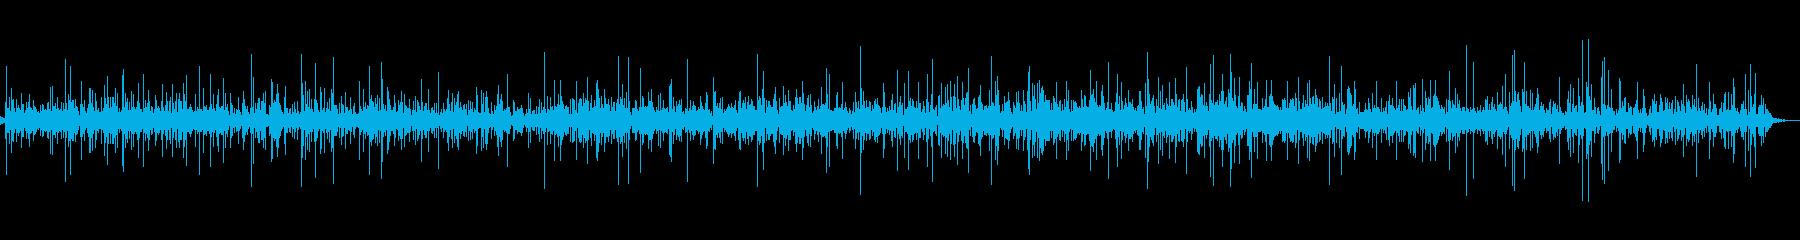 水の滴る音3【ピチャピチャ】の再生済みの波形